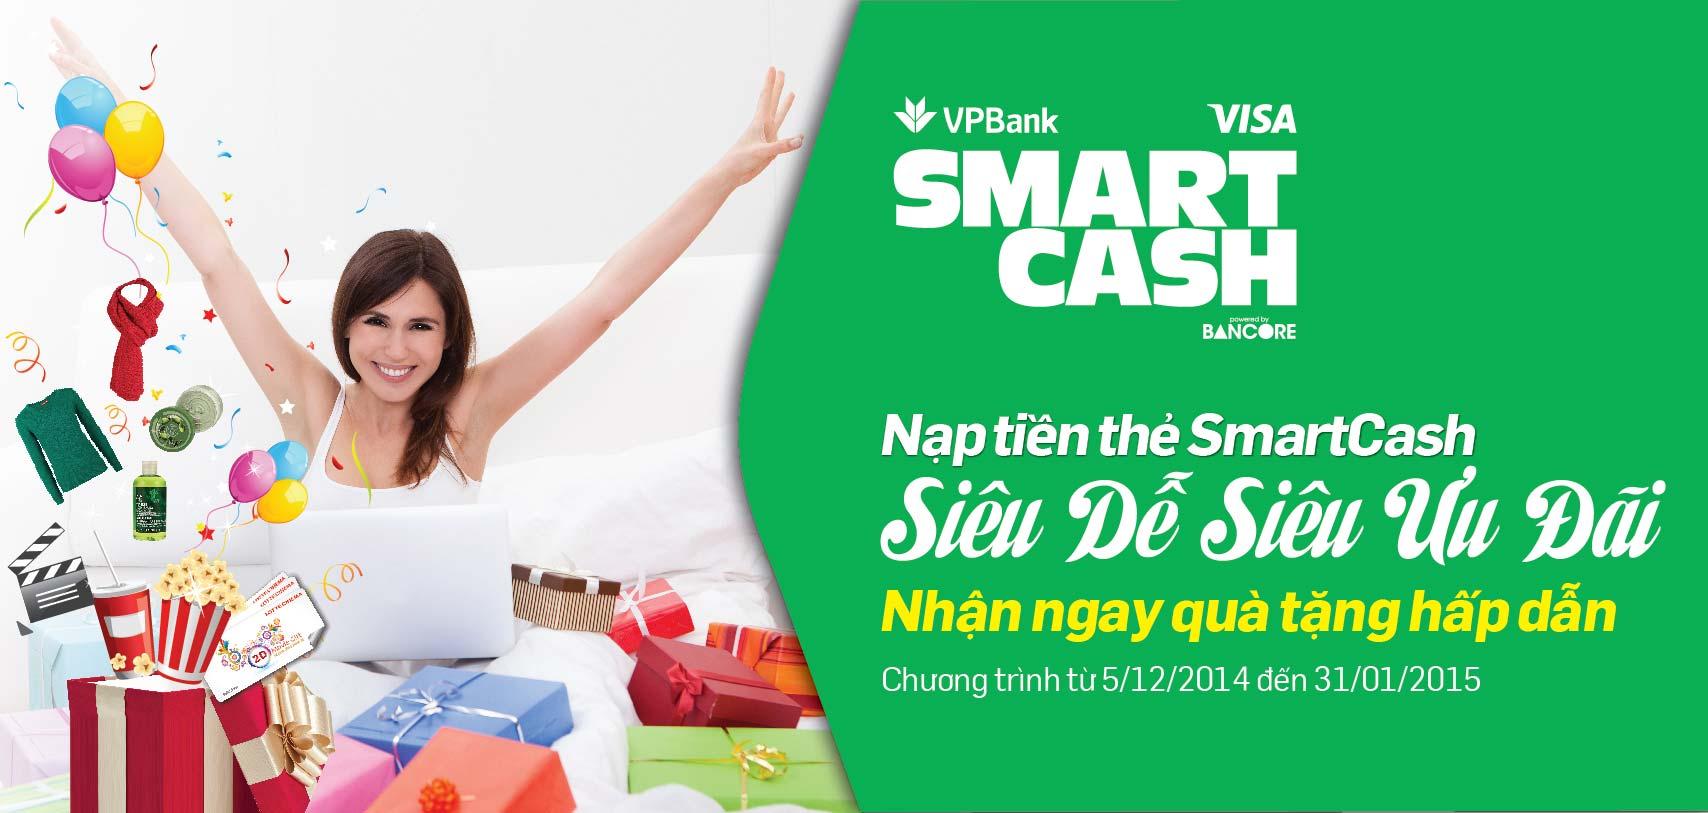 Giải pháp mua sắm online của ngân hàng hút khách 2